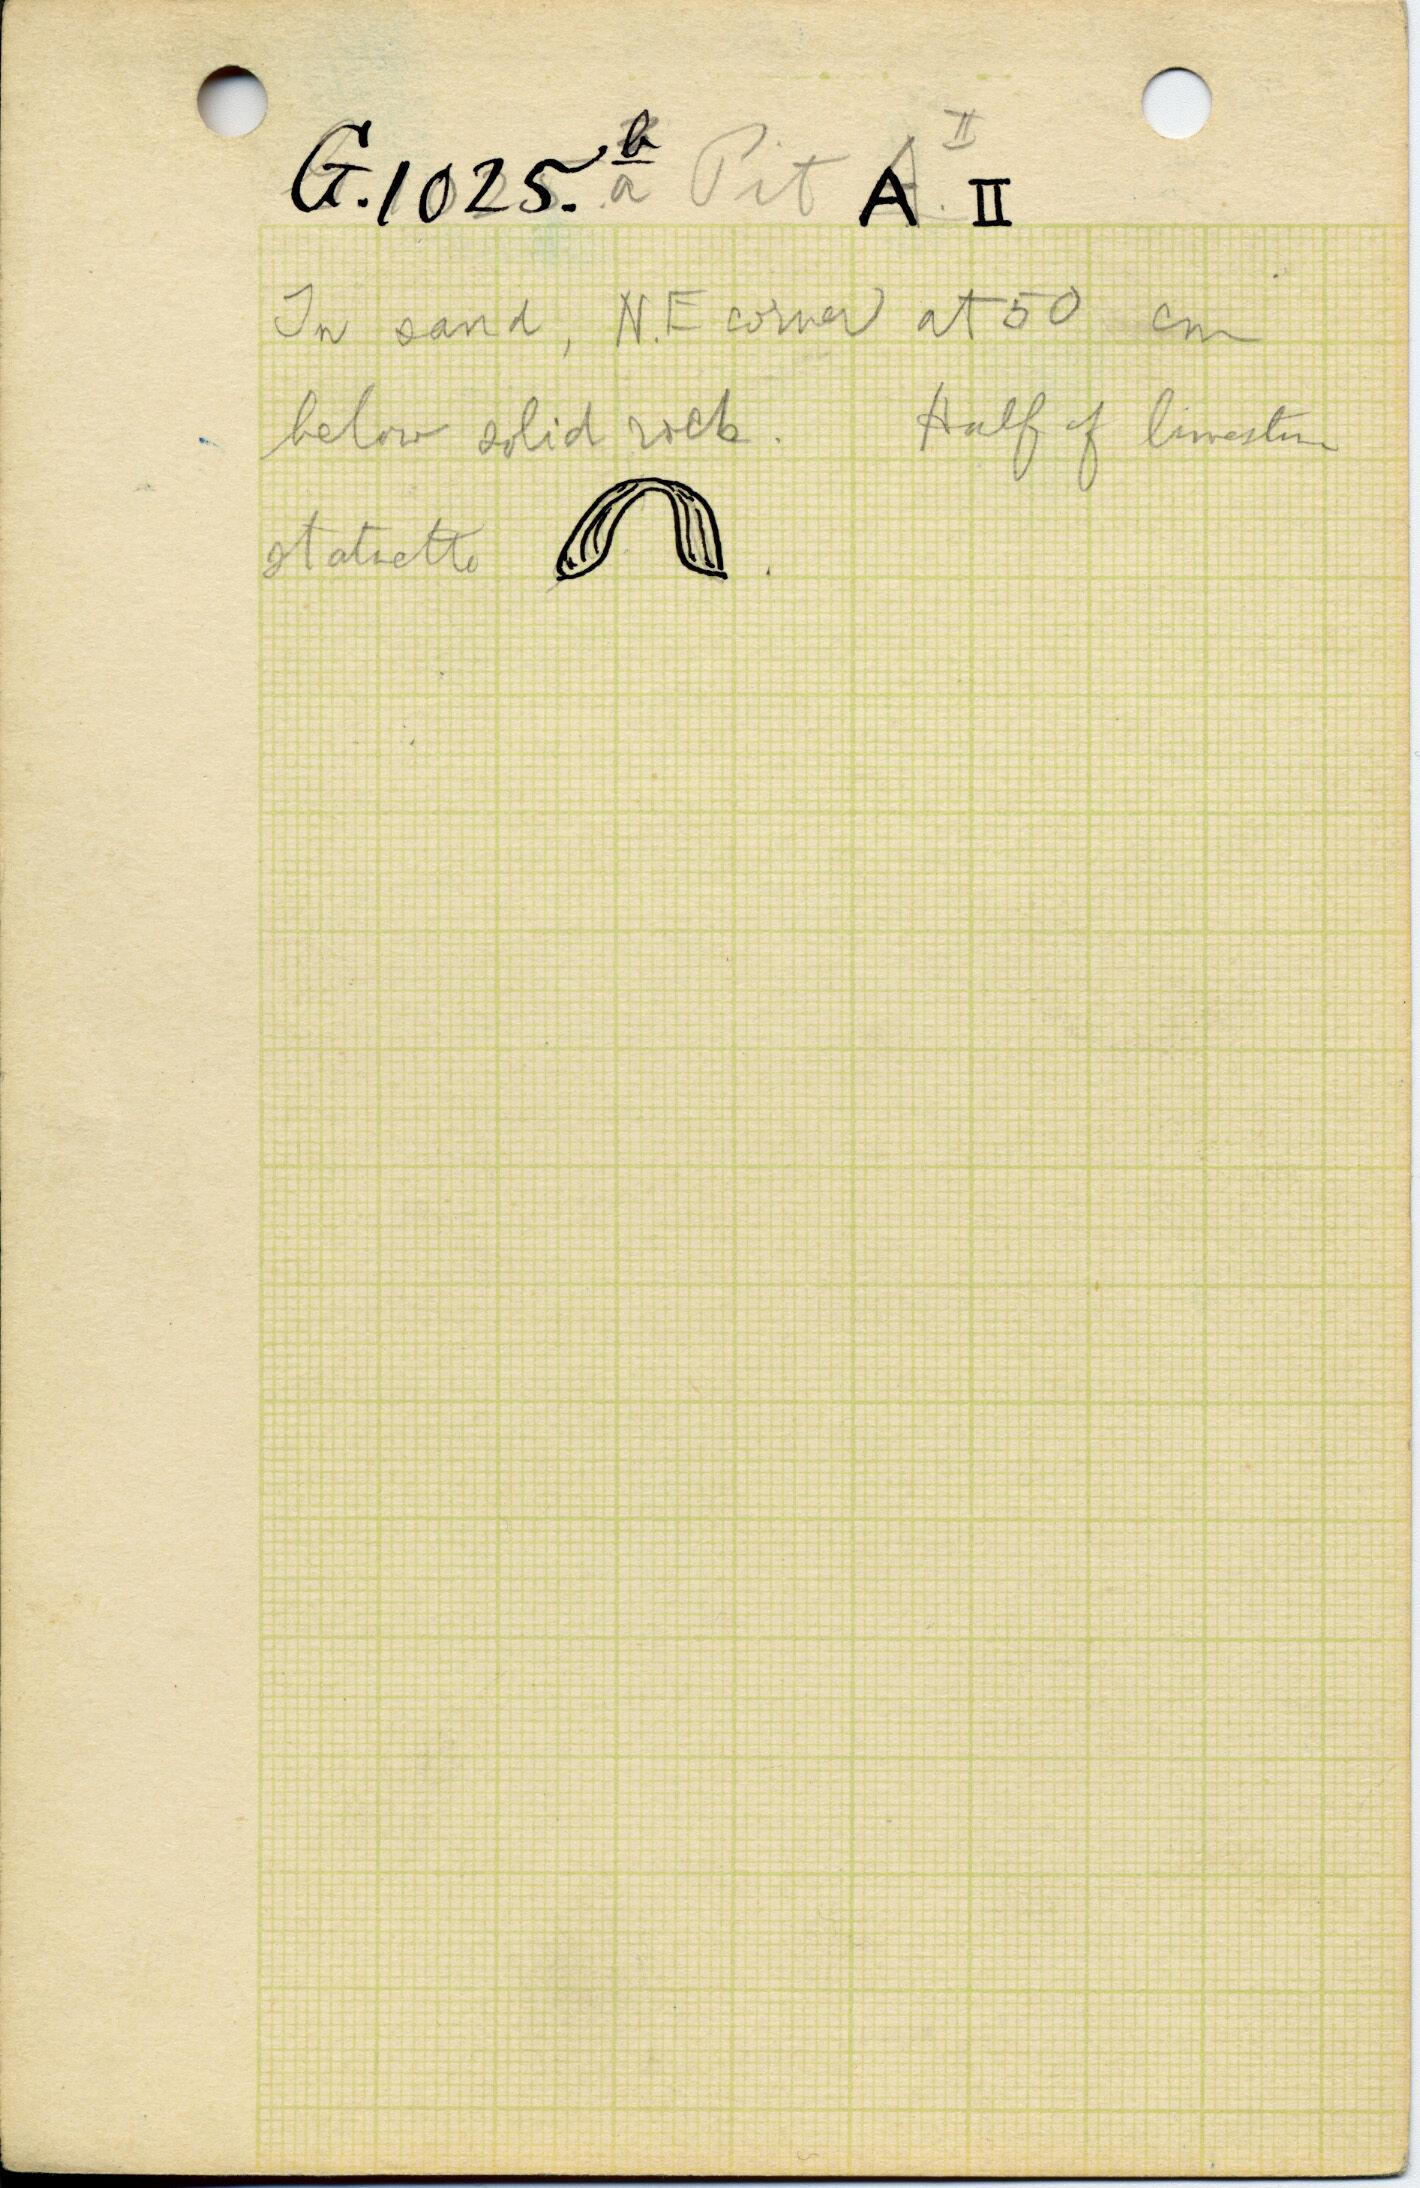 Notes: G 1025a, Shaft A